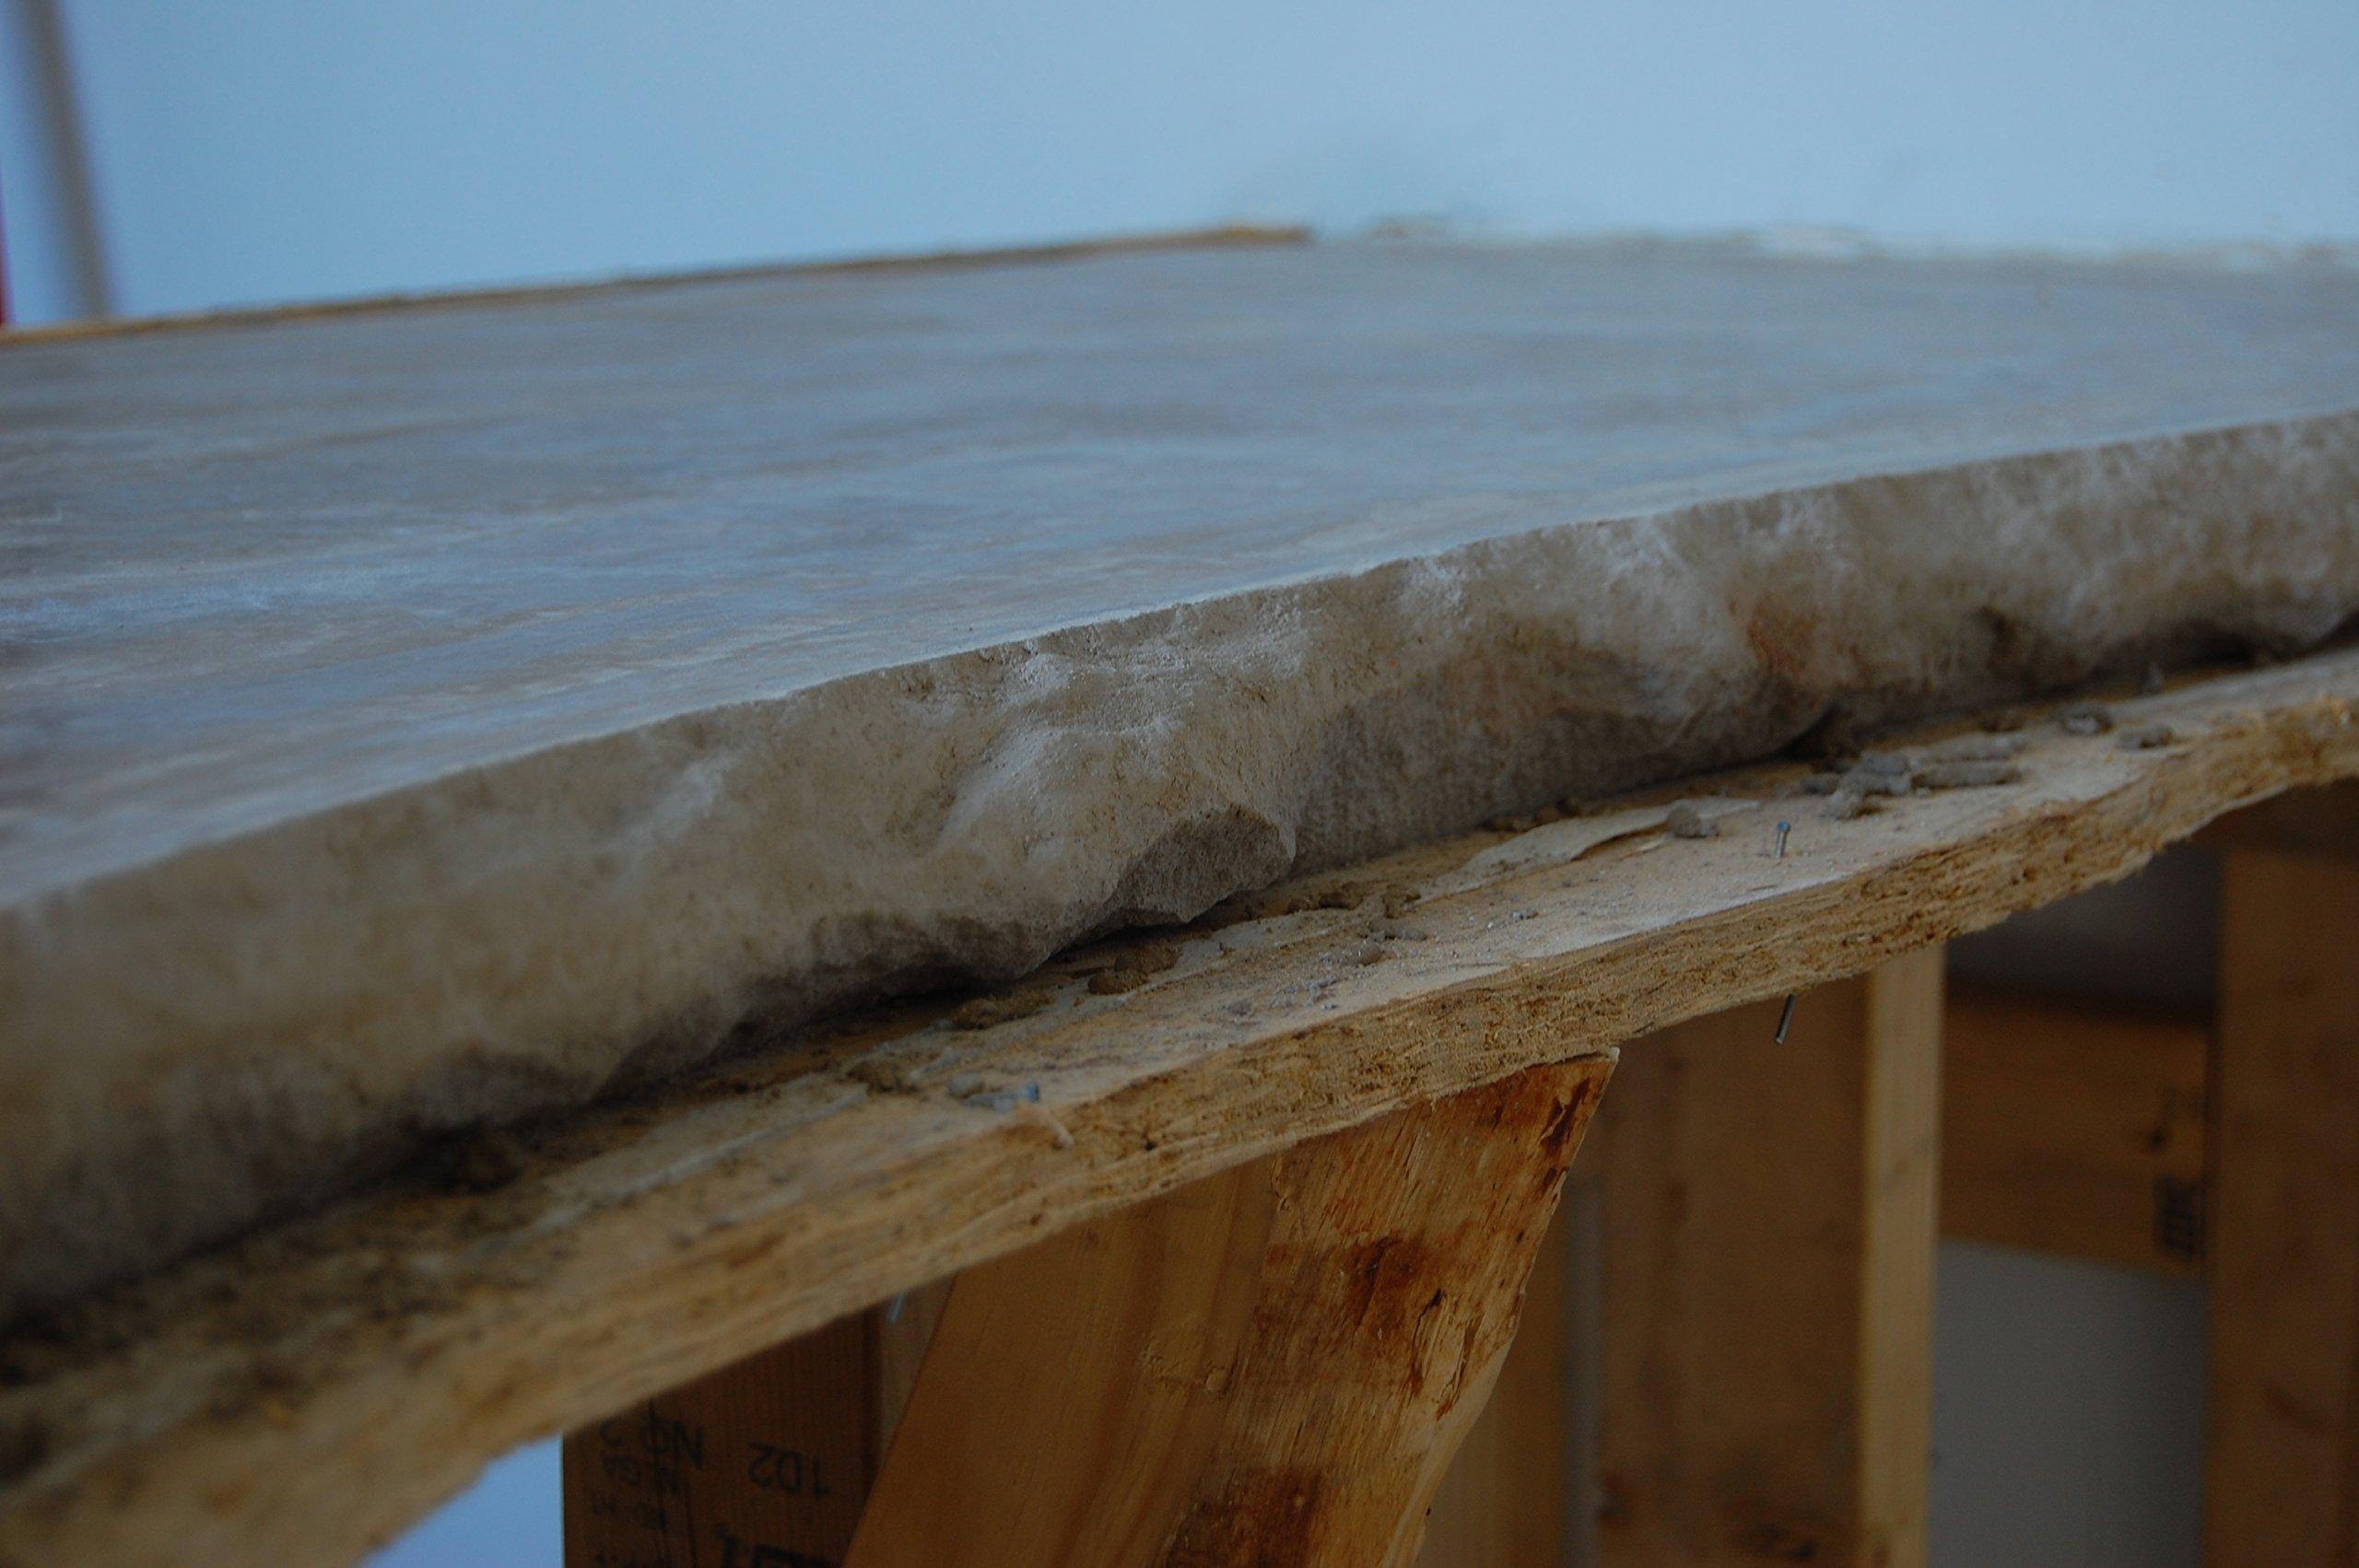 Concrete Countertop Edge Form - Aggressive Stone